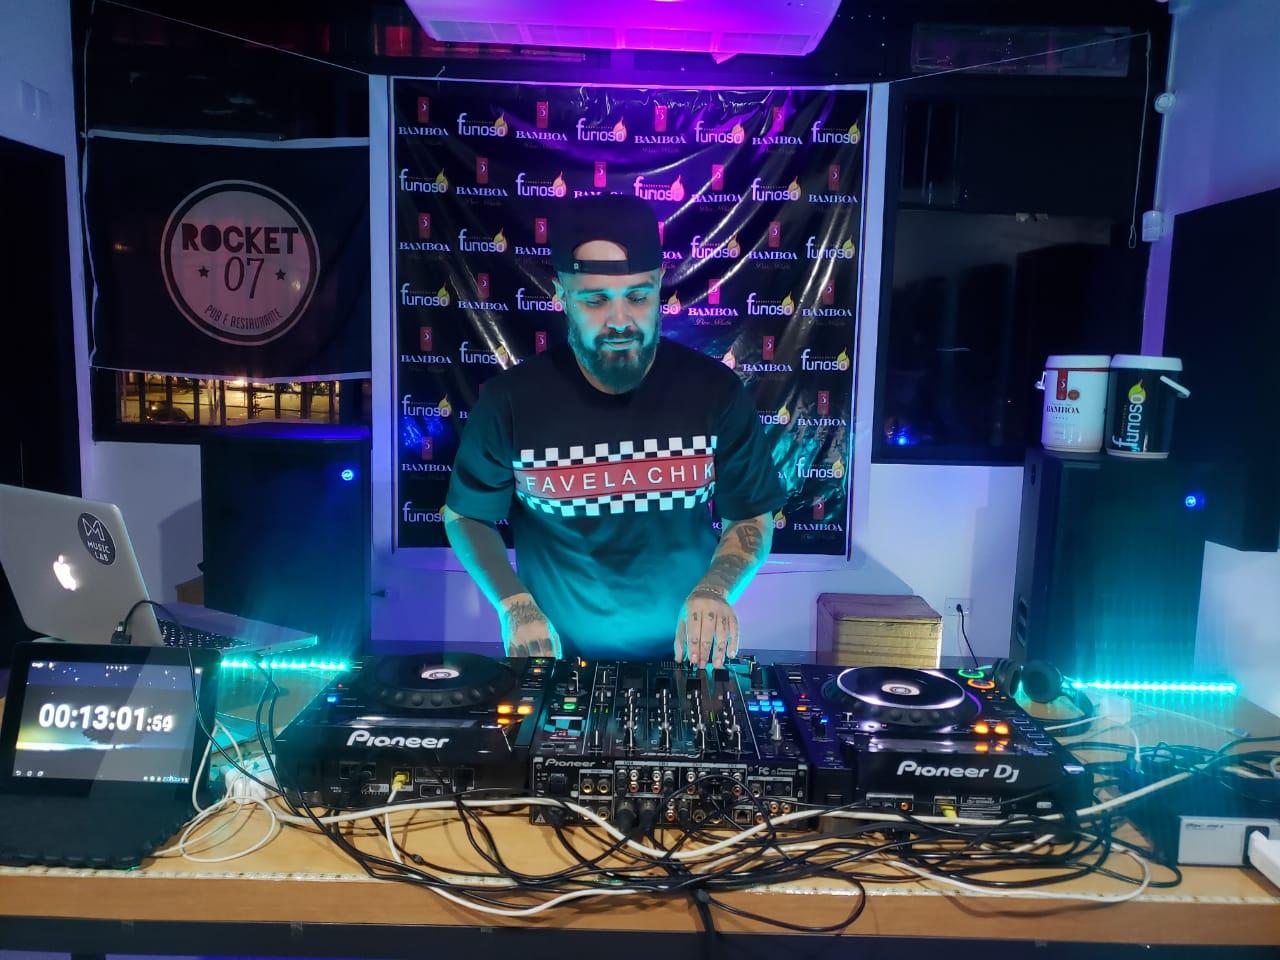 DJ goiano ultrapassa desafio, toca quase 32 horas sem parar e entra em 8º no ranking mundial